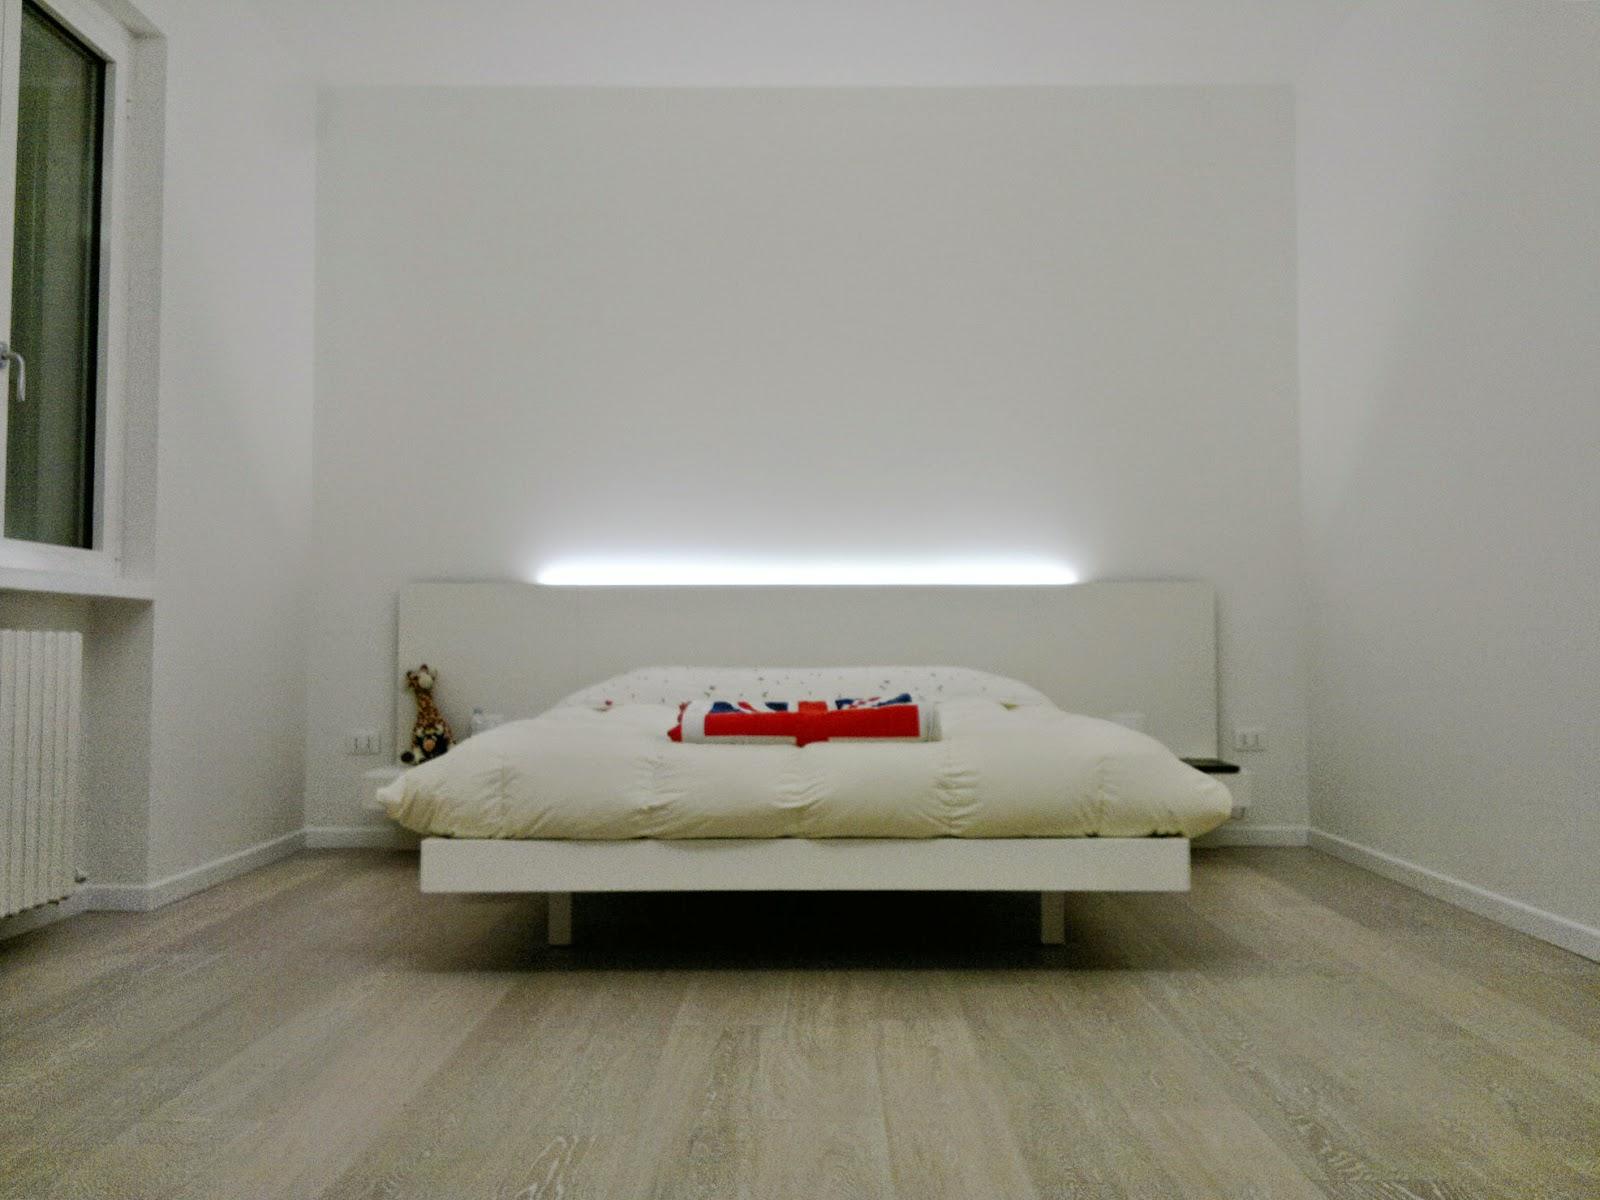 Illuminazione led casa aprile 2015 for Faretti camera da letto